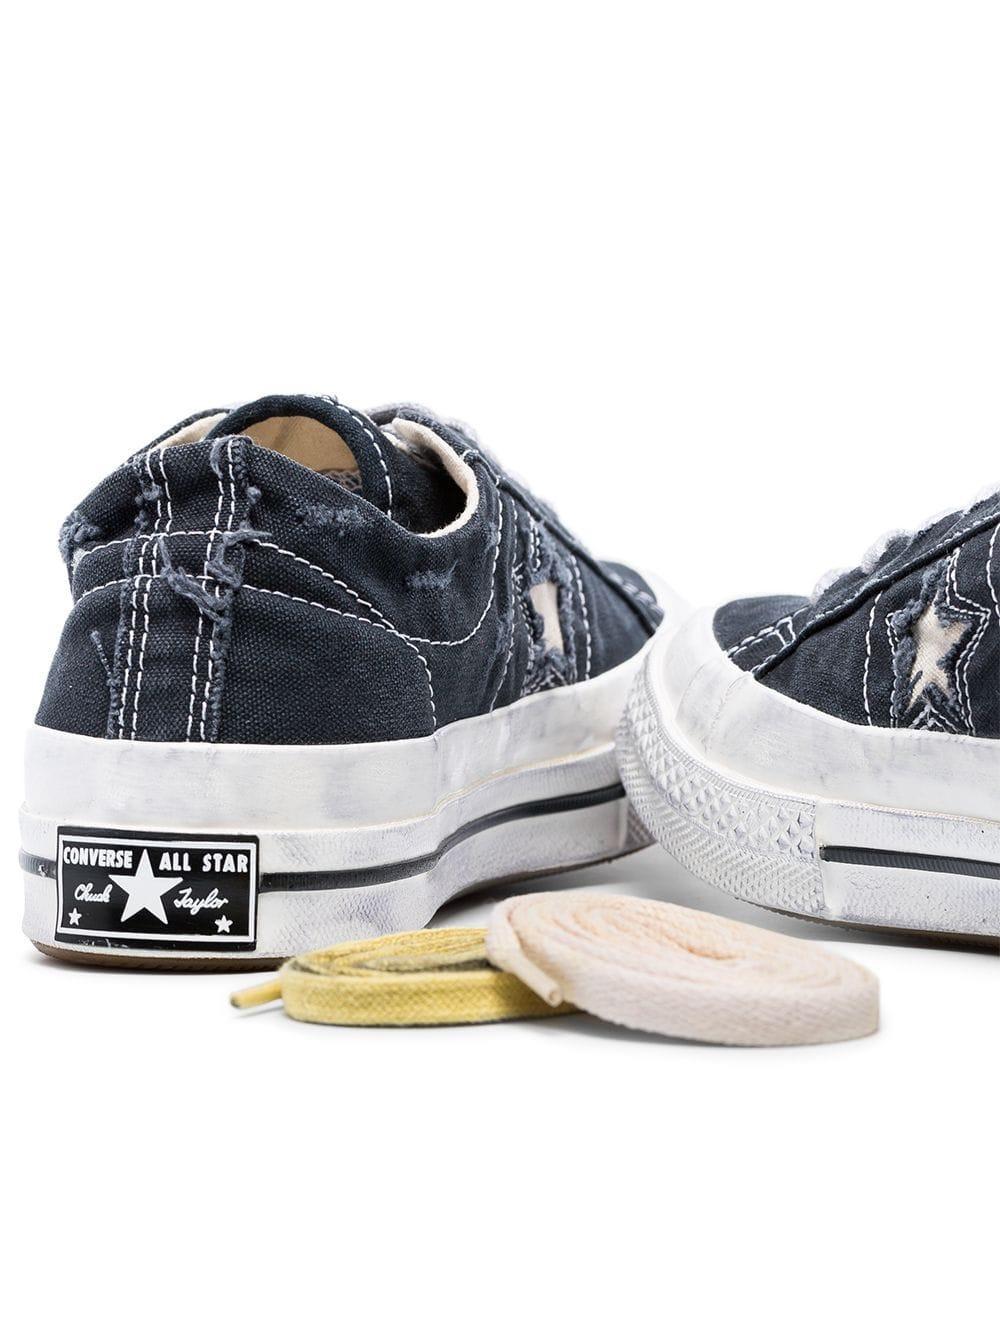 Converse X Faith Connexion neutral Run Star low top sneakers